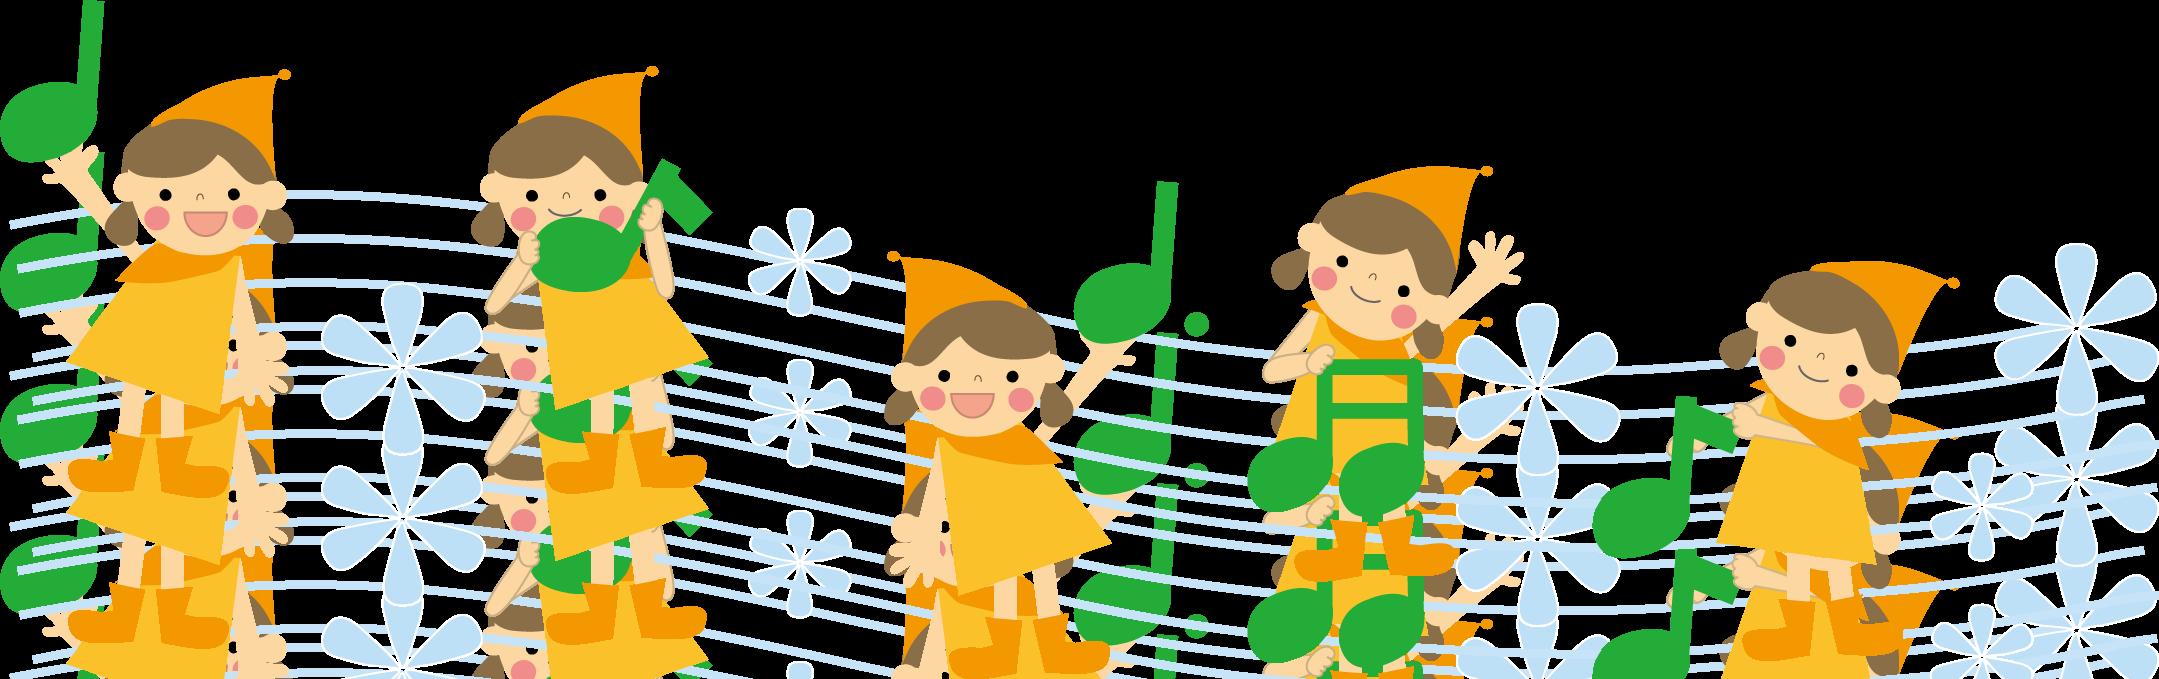 音符と子どものイラスト(無料イラスト)フリー素材